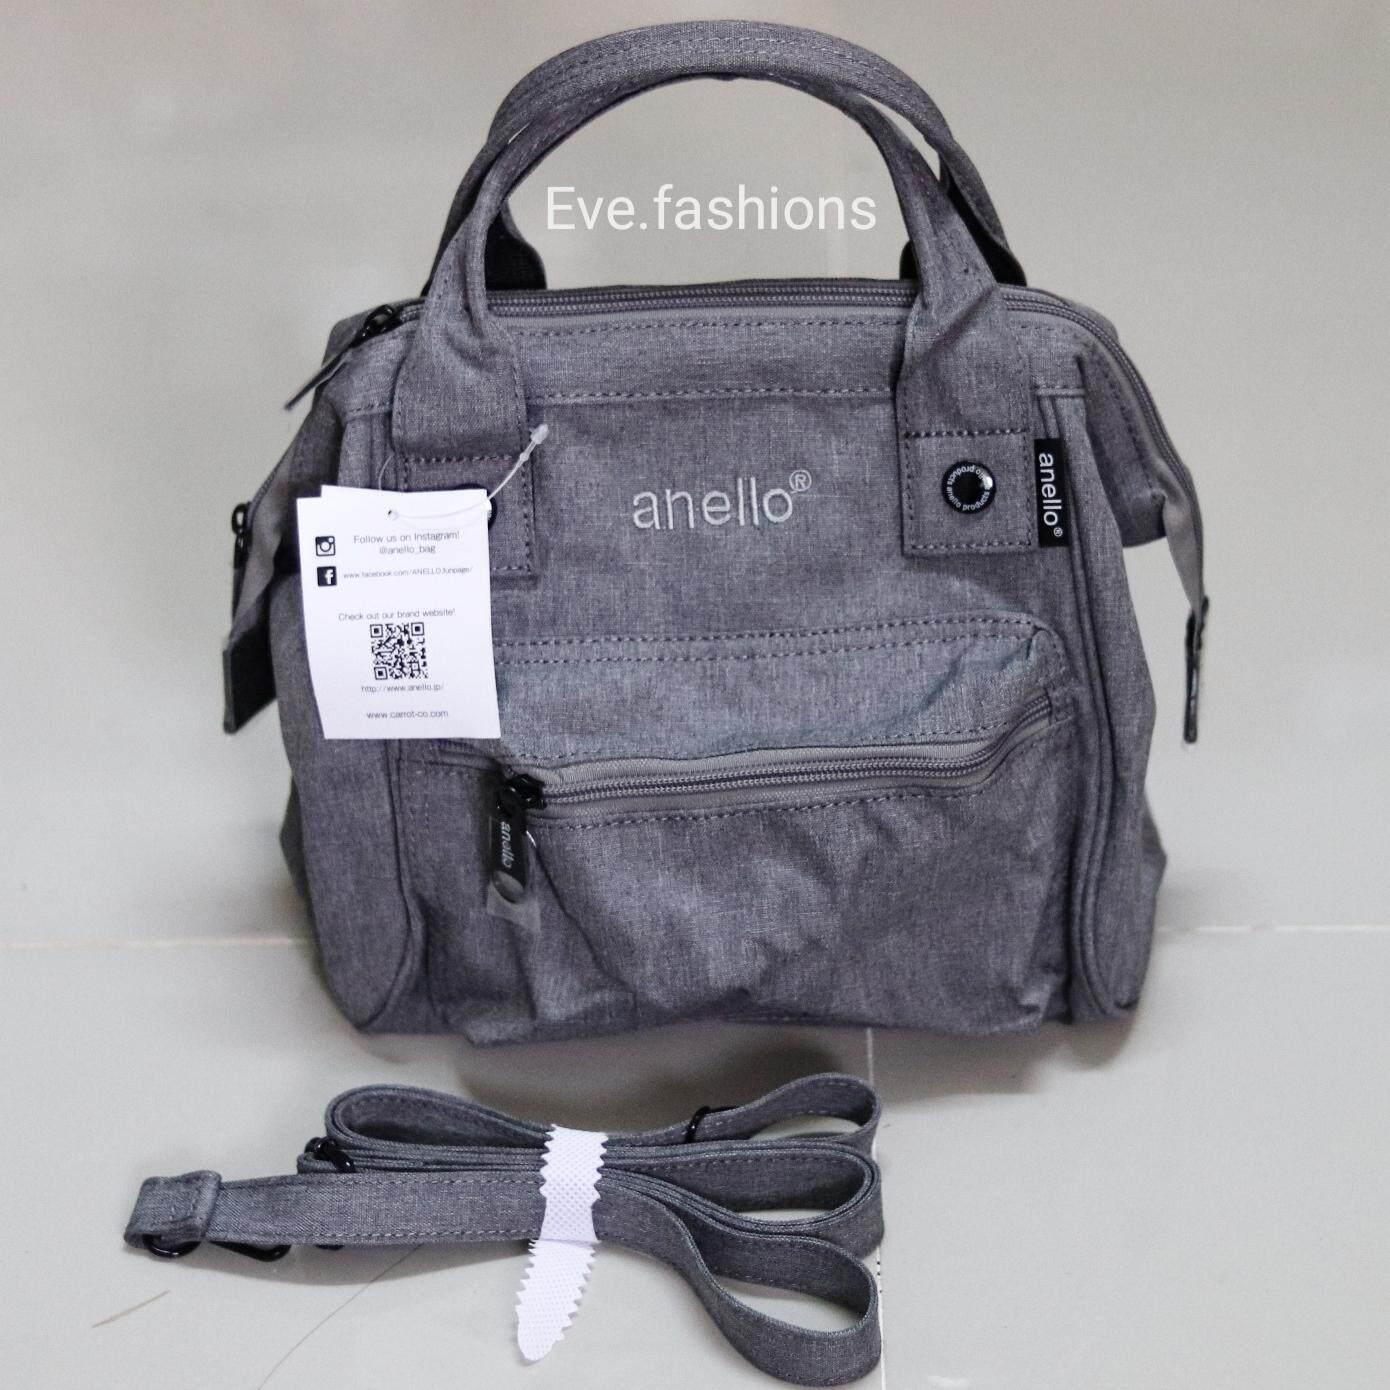 ยี่ห้อนี้ดีไหม  ฉะเชิงเทรา กระเป๋า Anello mini รุ่นเป้สะพายได้